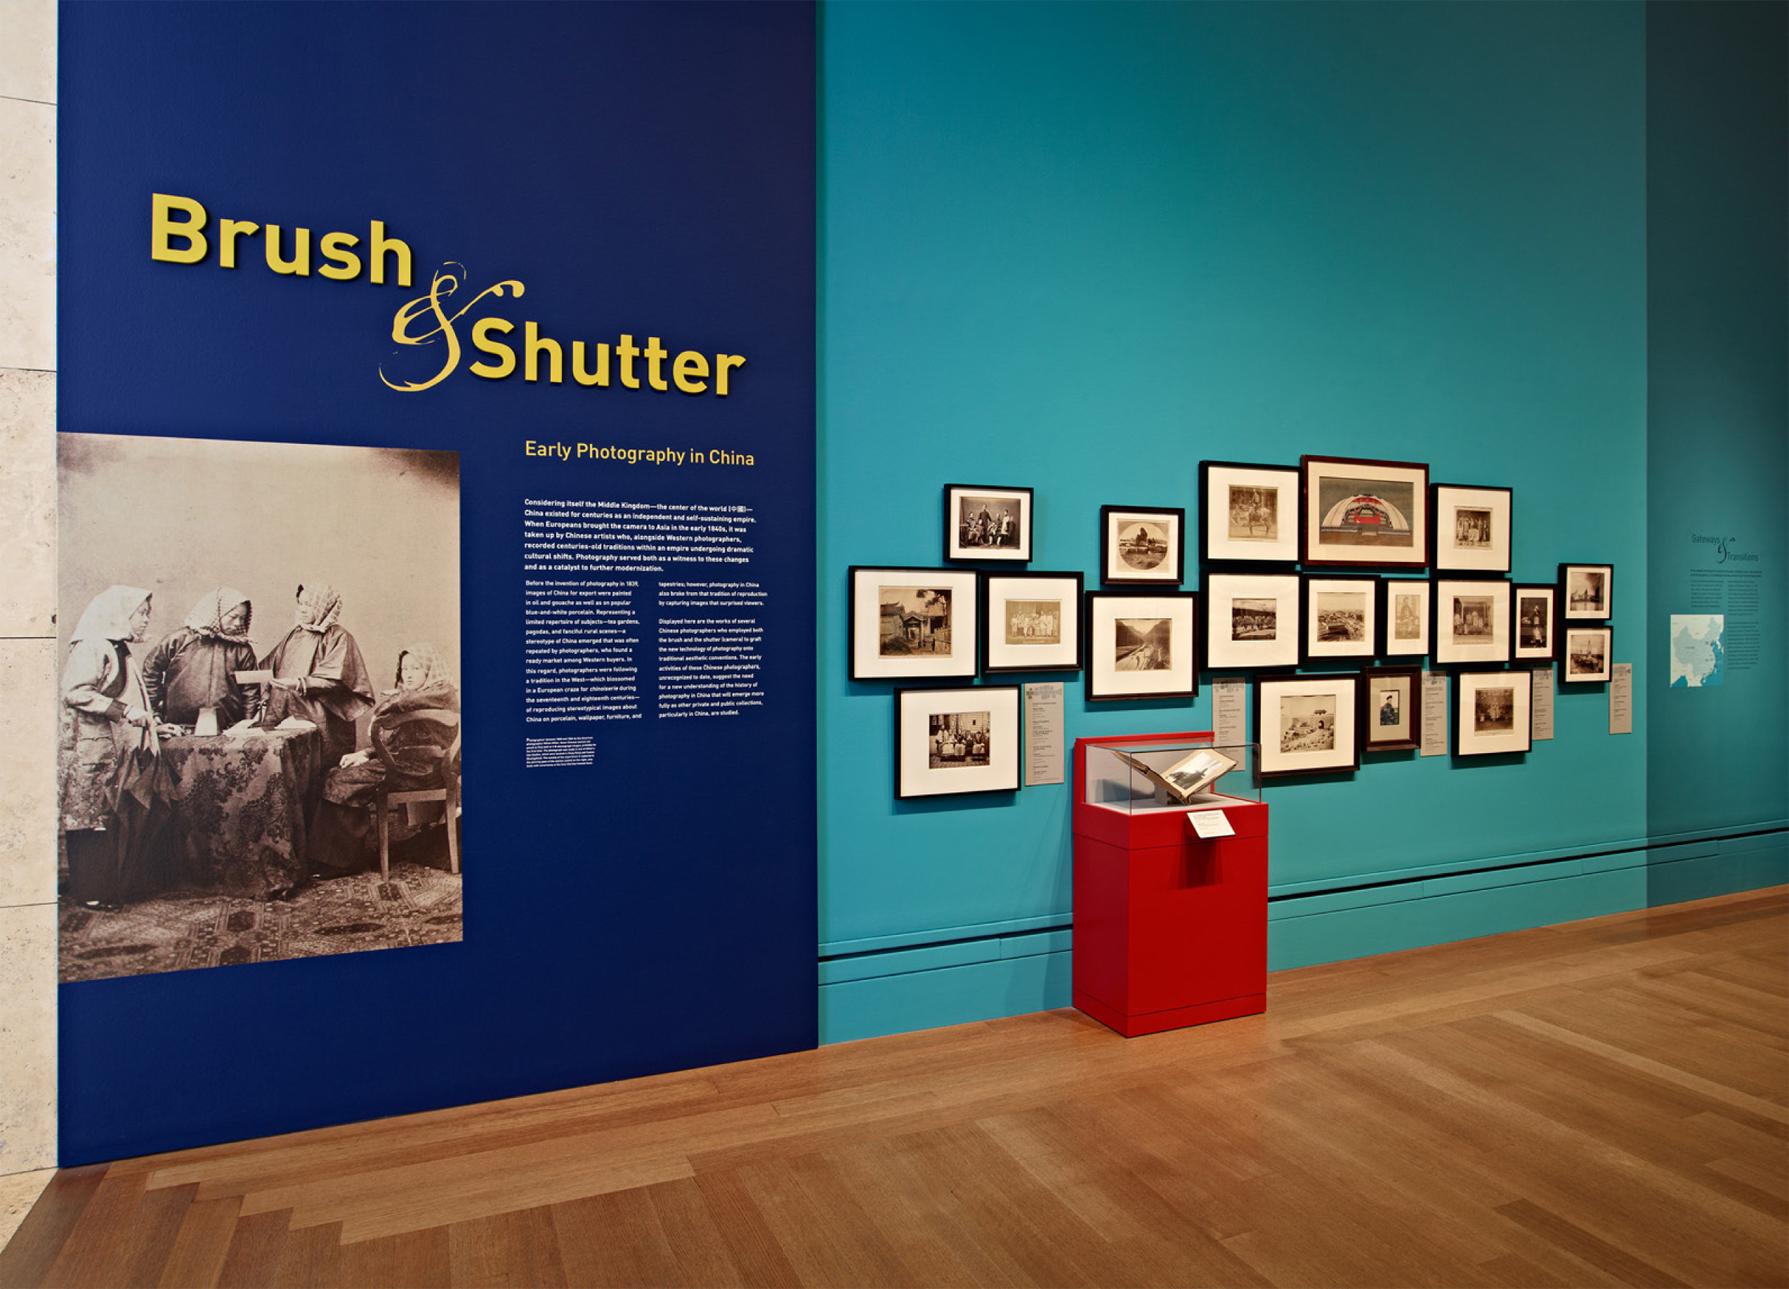 brush_and_shutter-2_sm.jpg